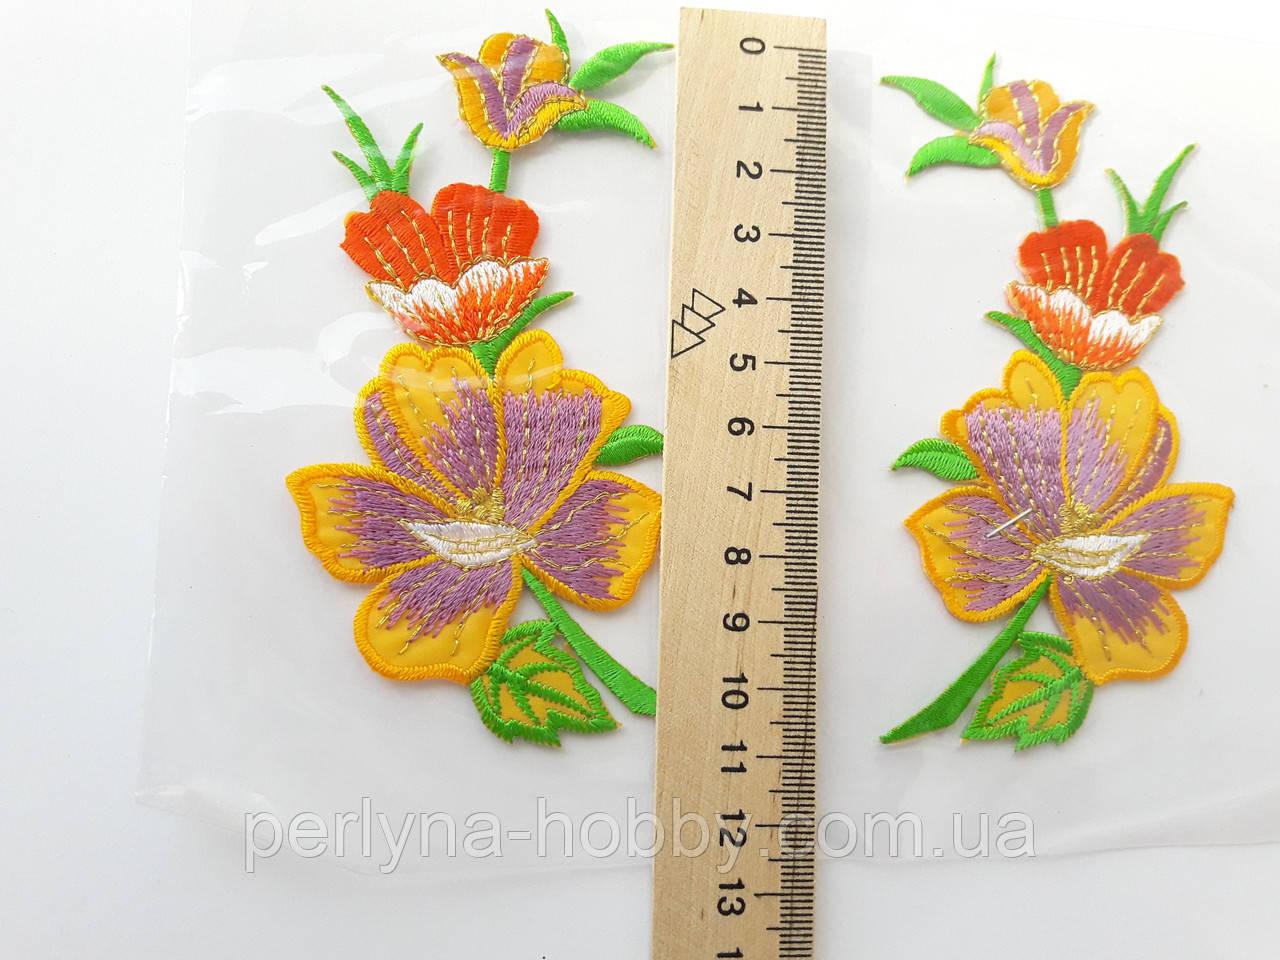 """Аплікація вишивка клейова парна """"Квіти"""" кольорові, 11 см 1пара"""